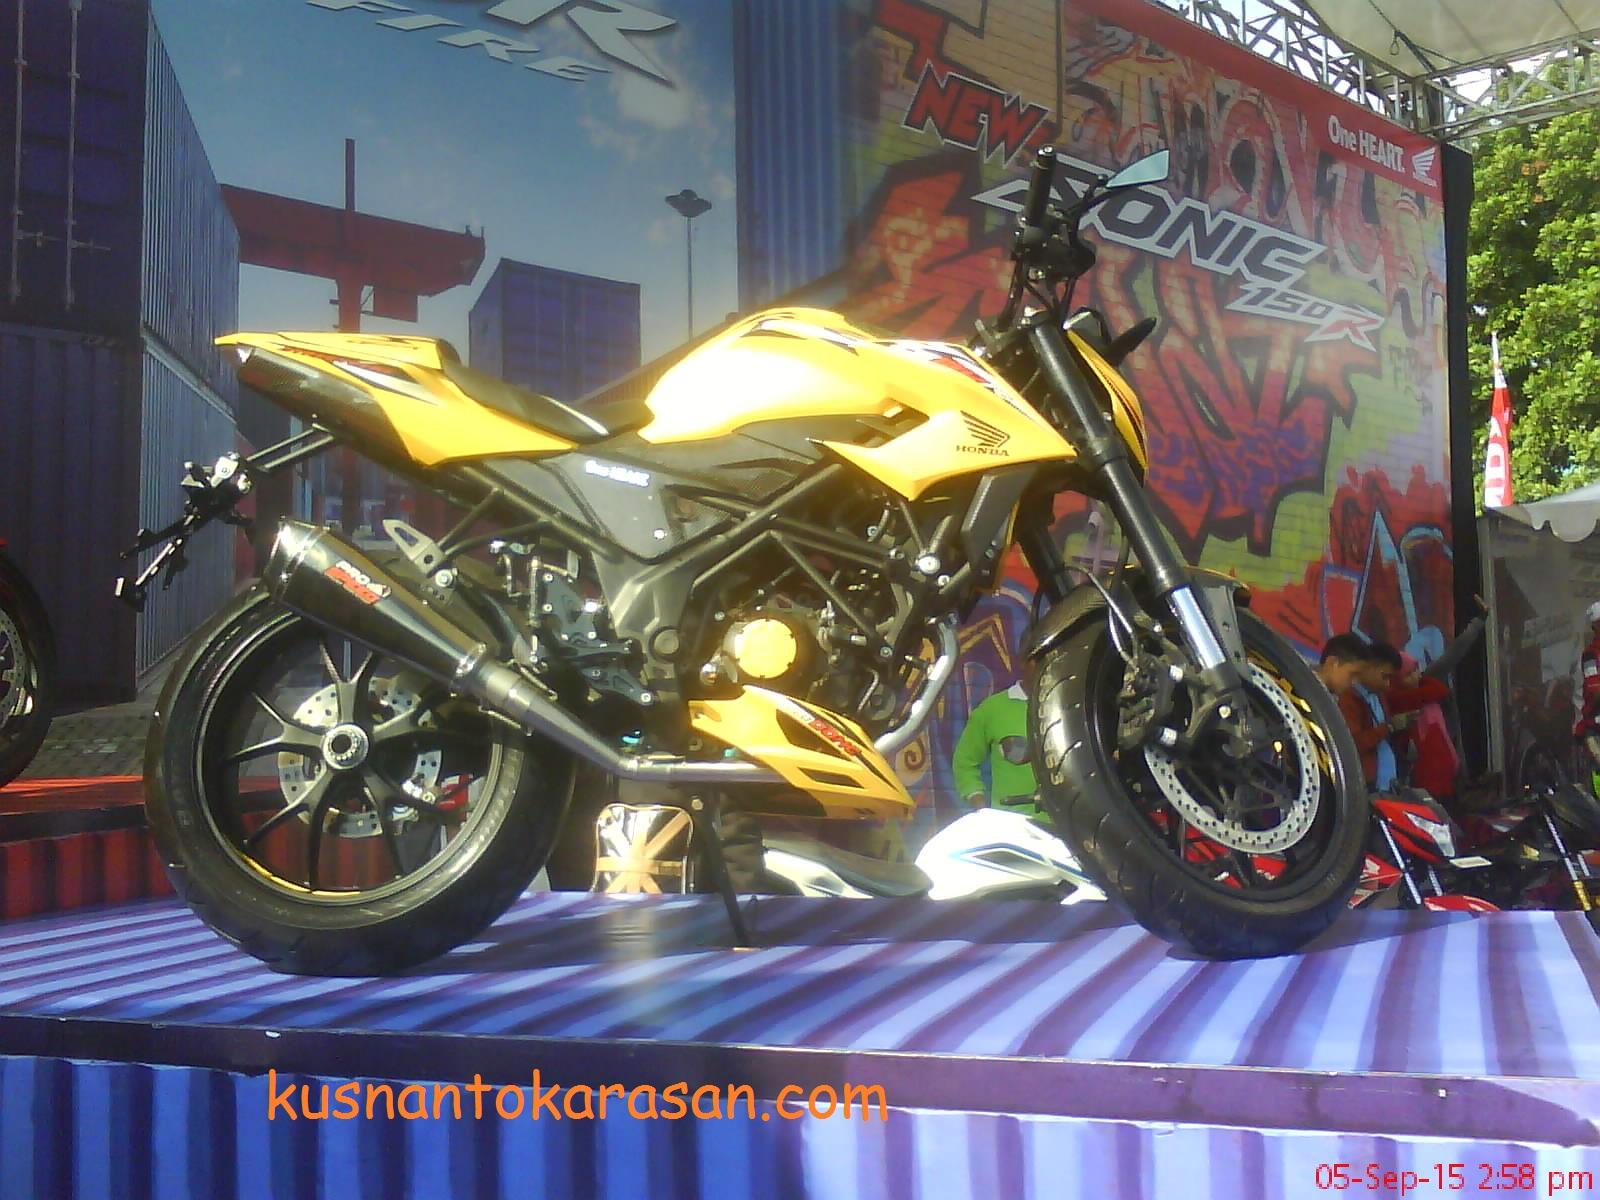 100 Modif Motor All New Cb 150 R Modifikasi Honda Terbaru 150r Streetfire Raptor Black Sleman Icip Sonic Dan Di Parkir Mandala Krida